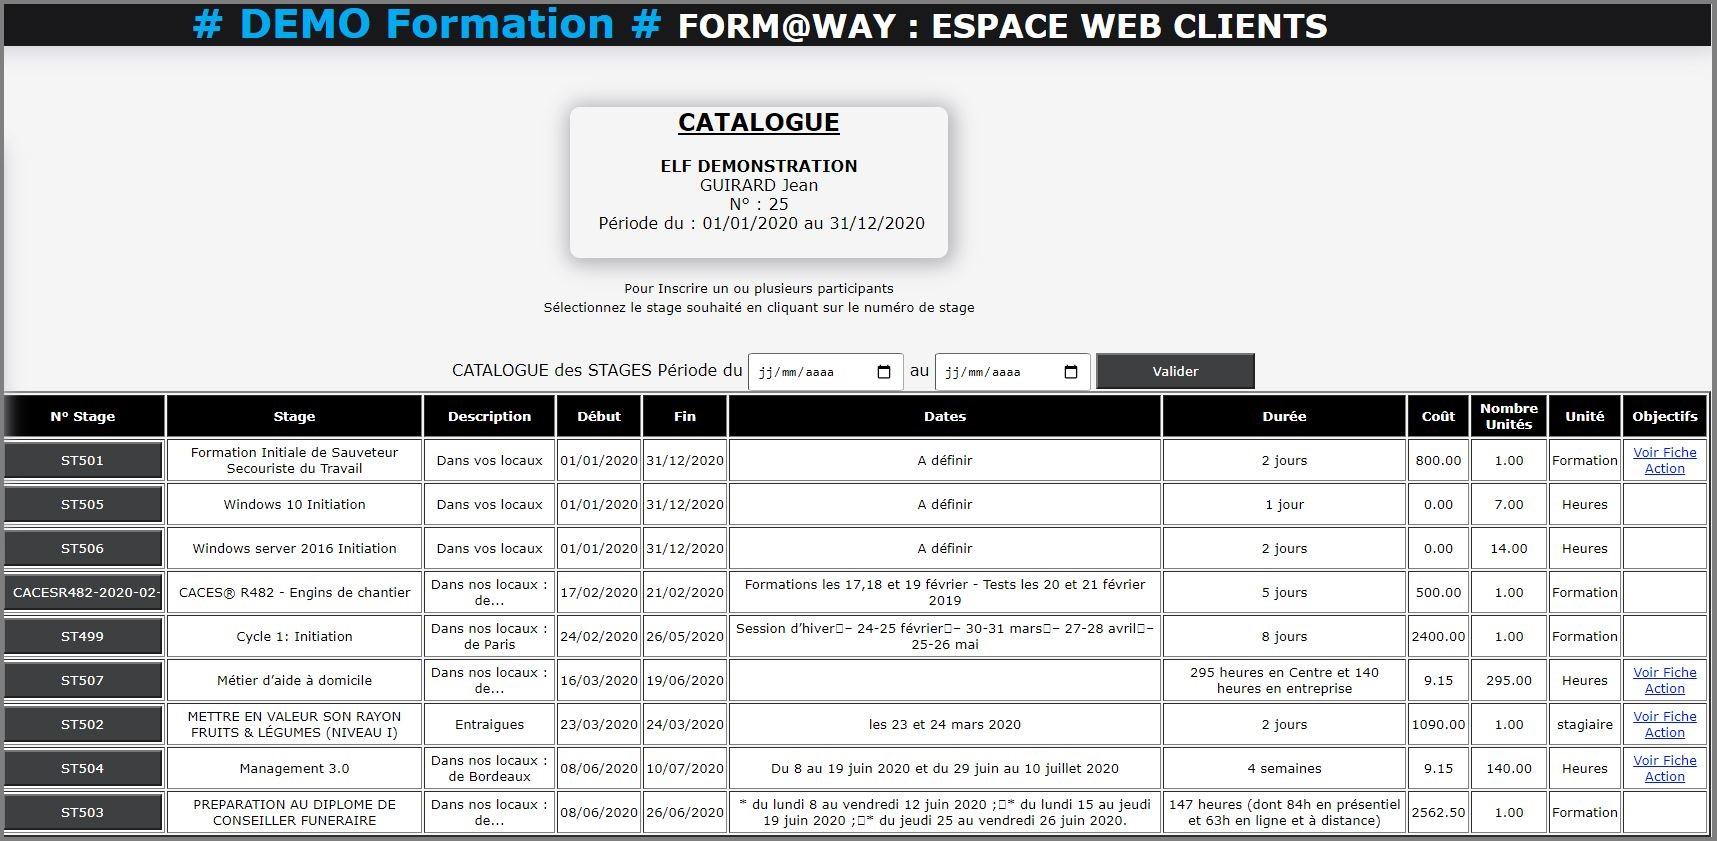 Portail Web Client - Catalogue